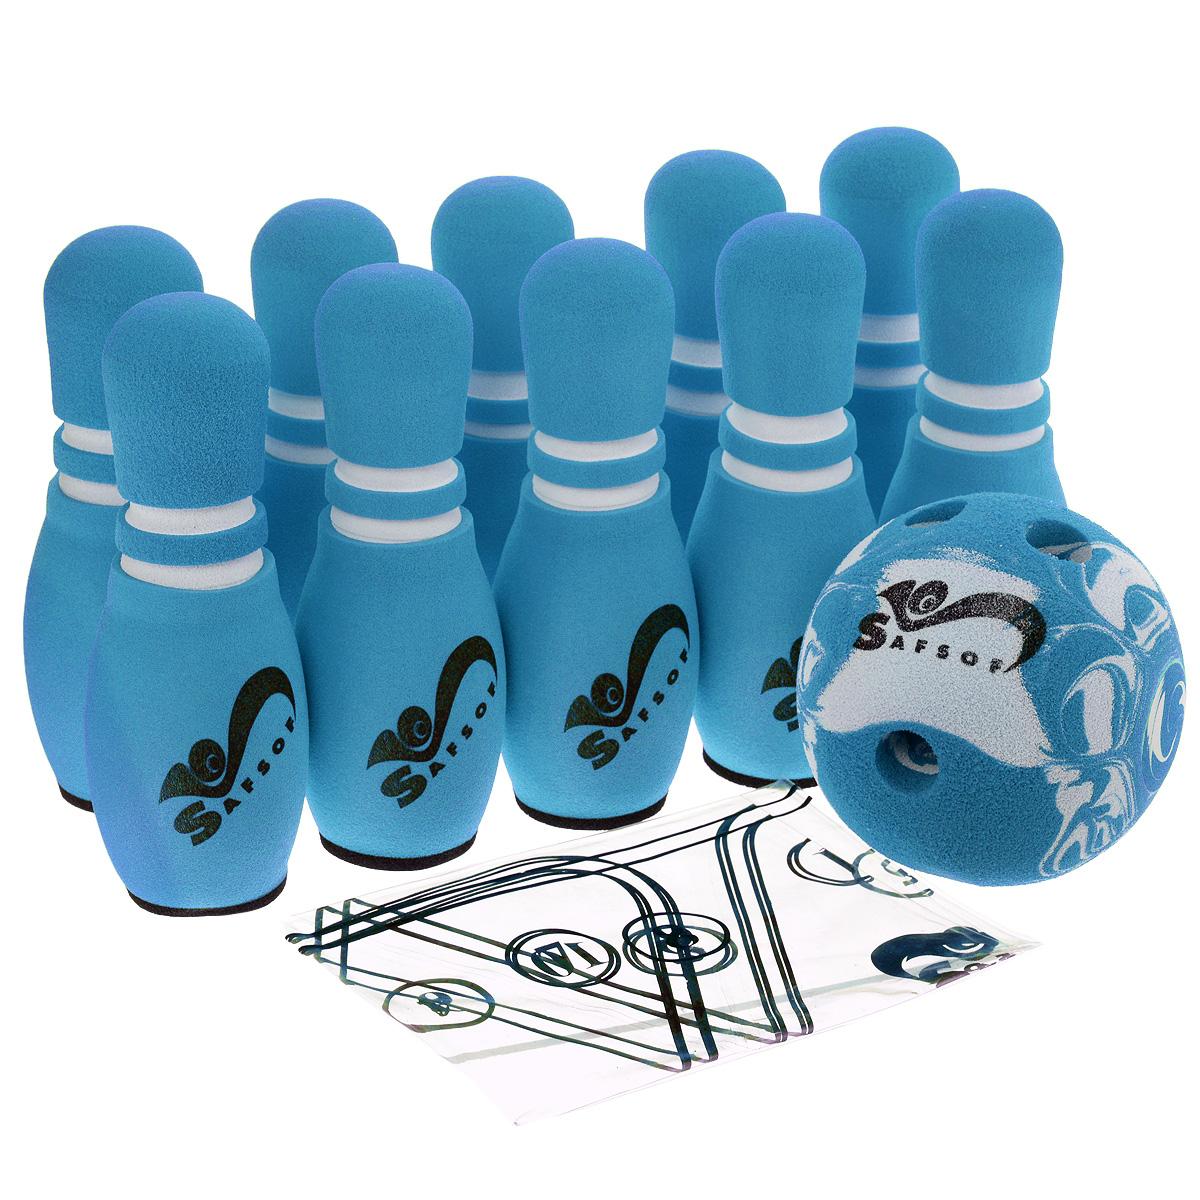 """Игровой набор Safsof """"Боулинг"""", цвет: белый, голубой, диаметр шара 12 см JBB-01-1(B)голубой"""